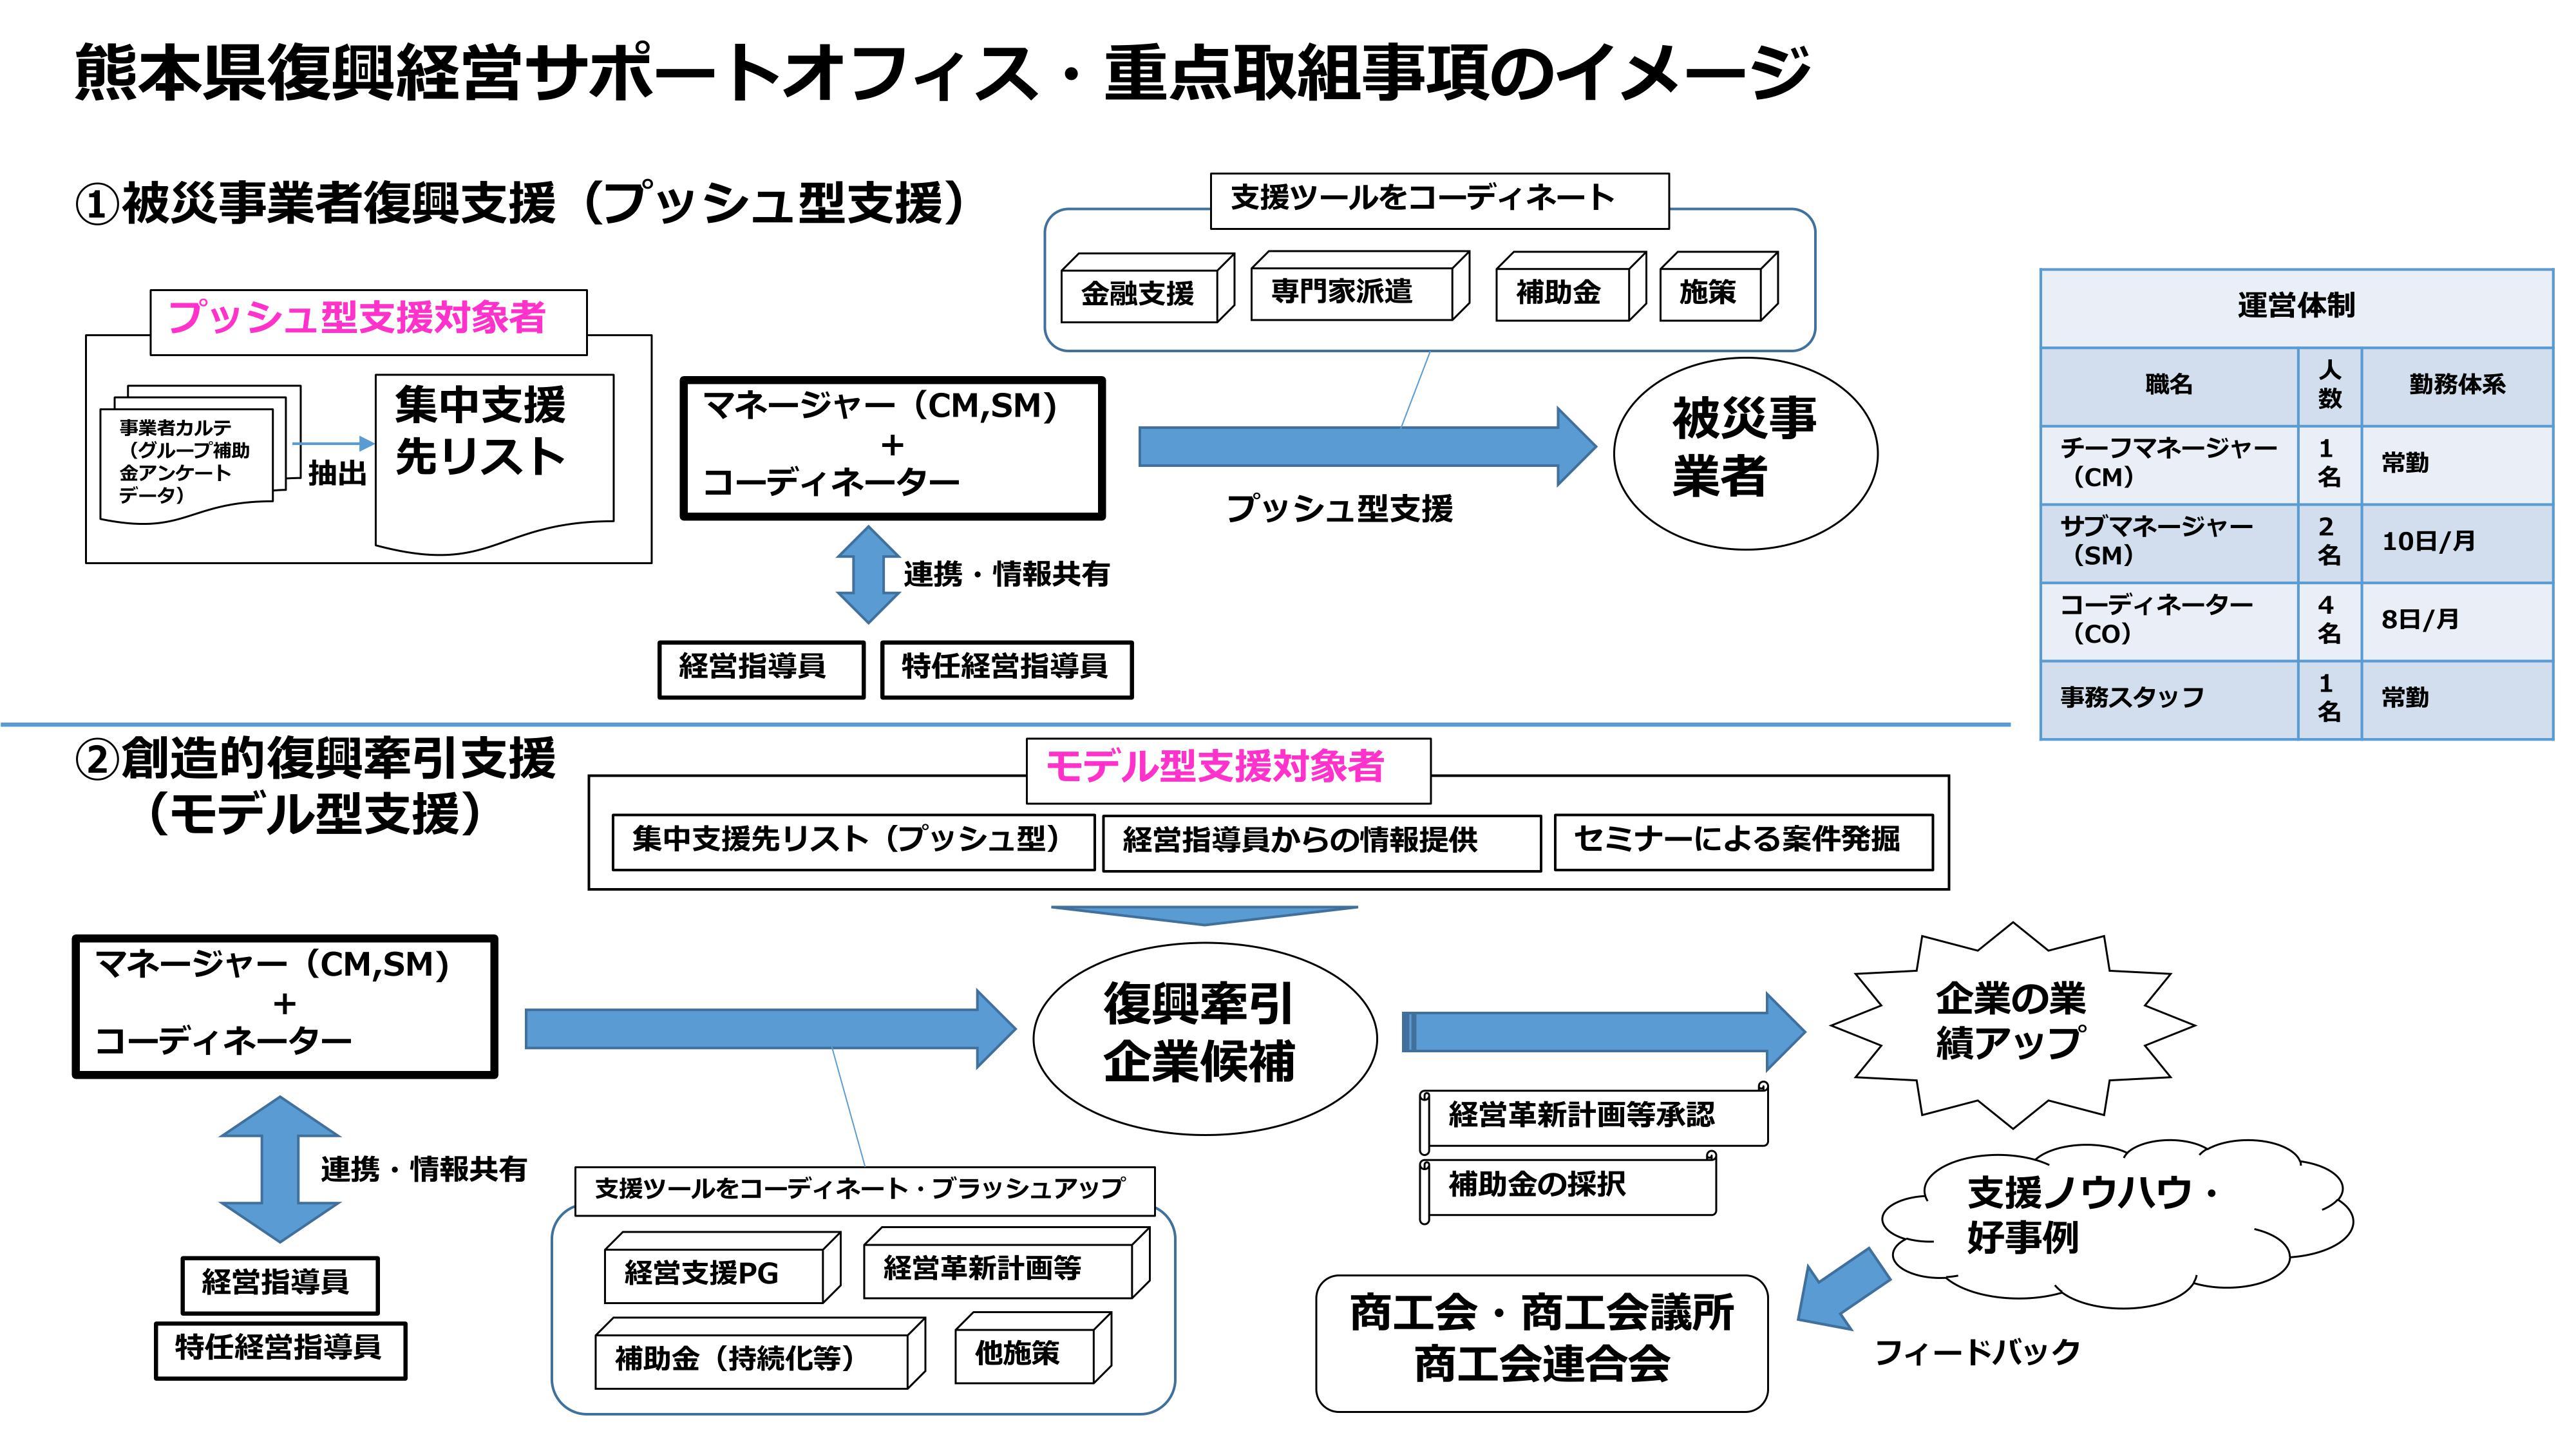 熊本県復興経営サポートオフィス・重点取組事項のイメージ_imgs-0001